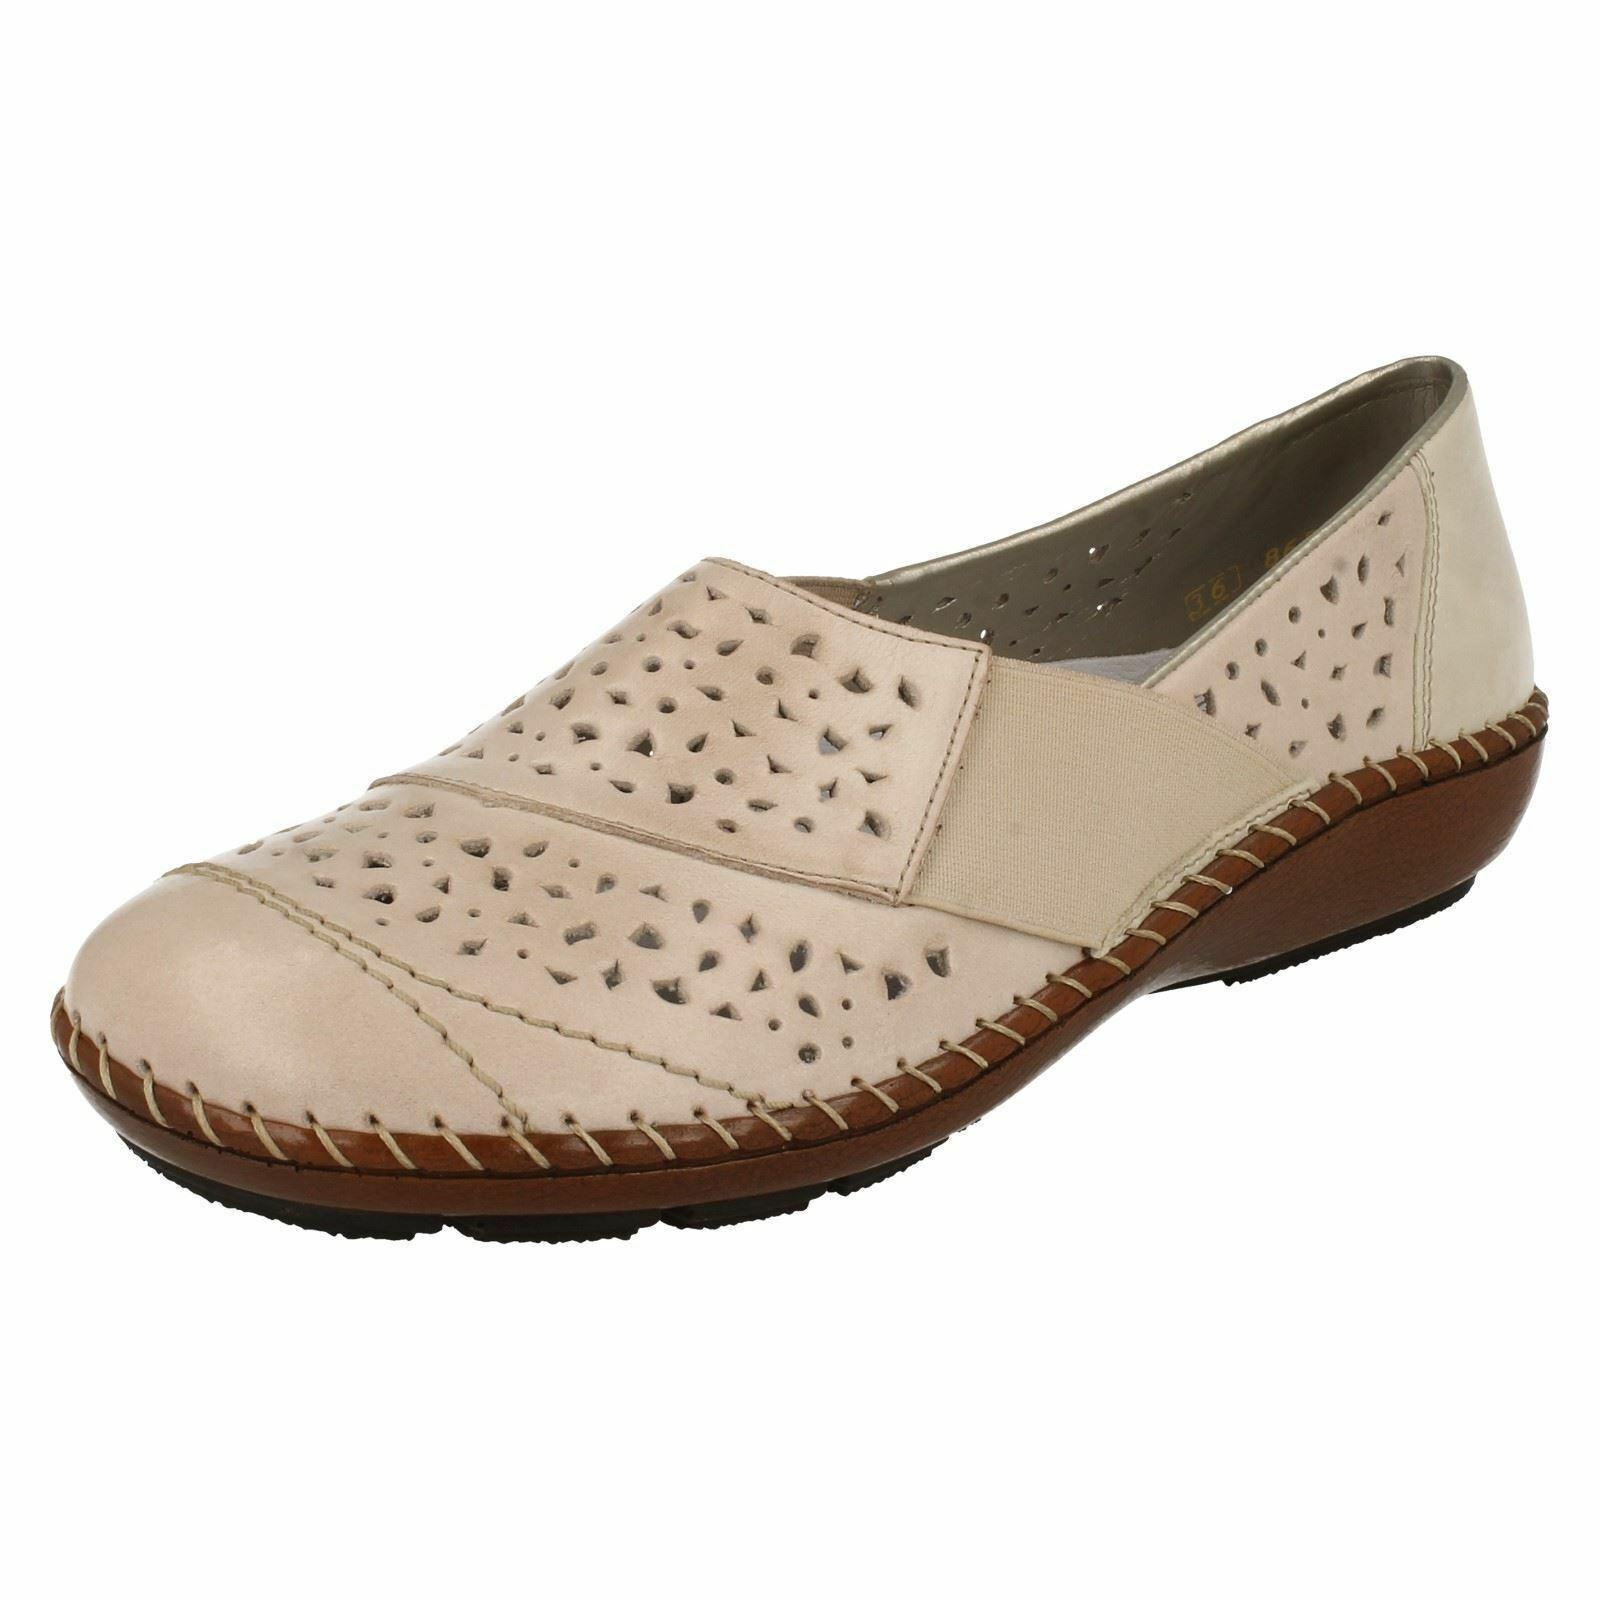 Damen Rieker 44856 Flach Freizeit Leder Slipper Alltag Weich Bequeme Schuhe